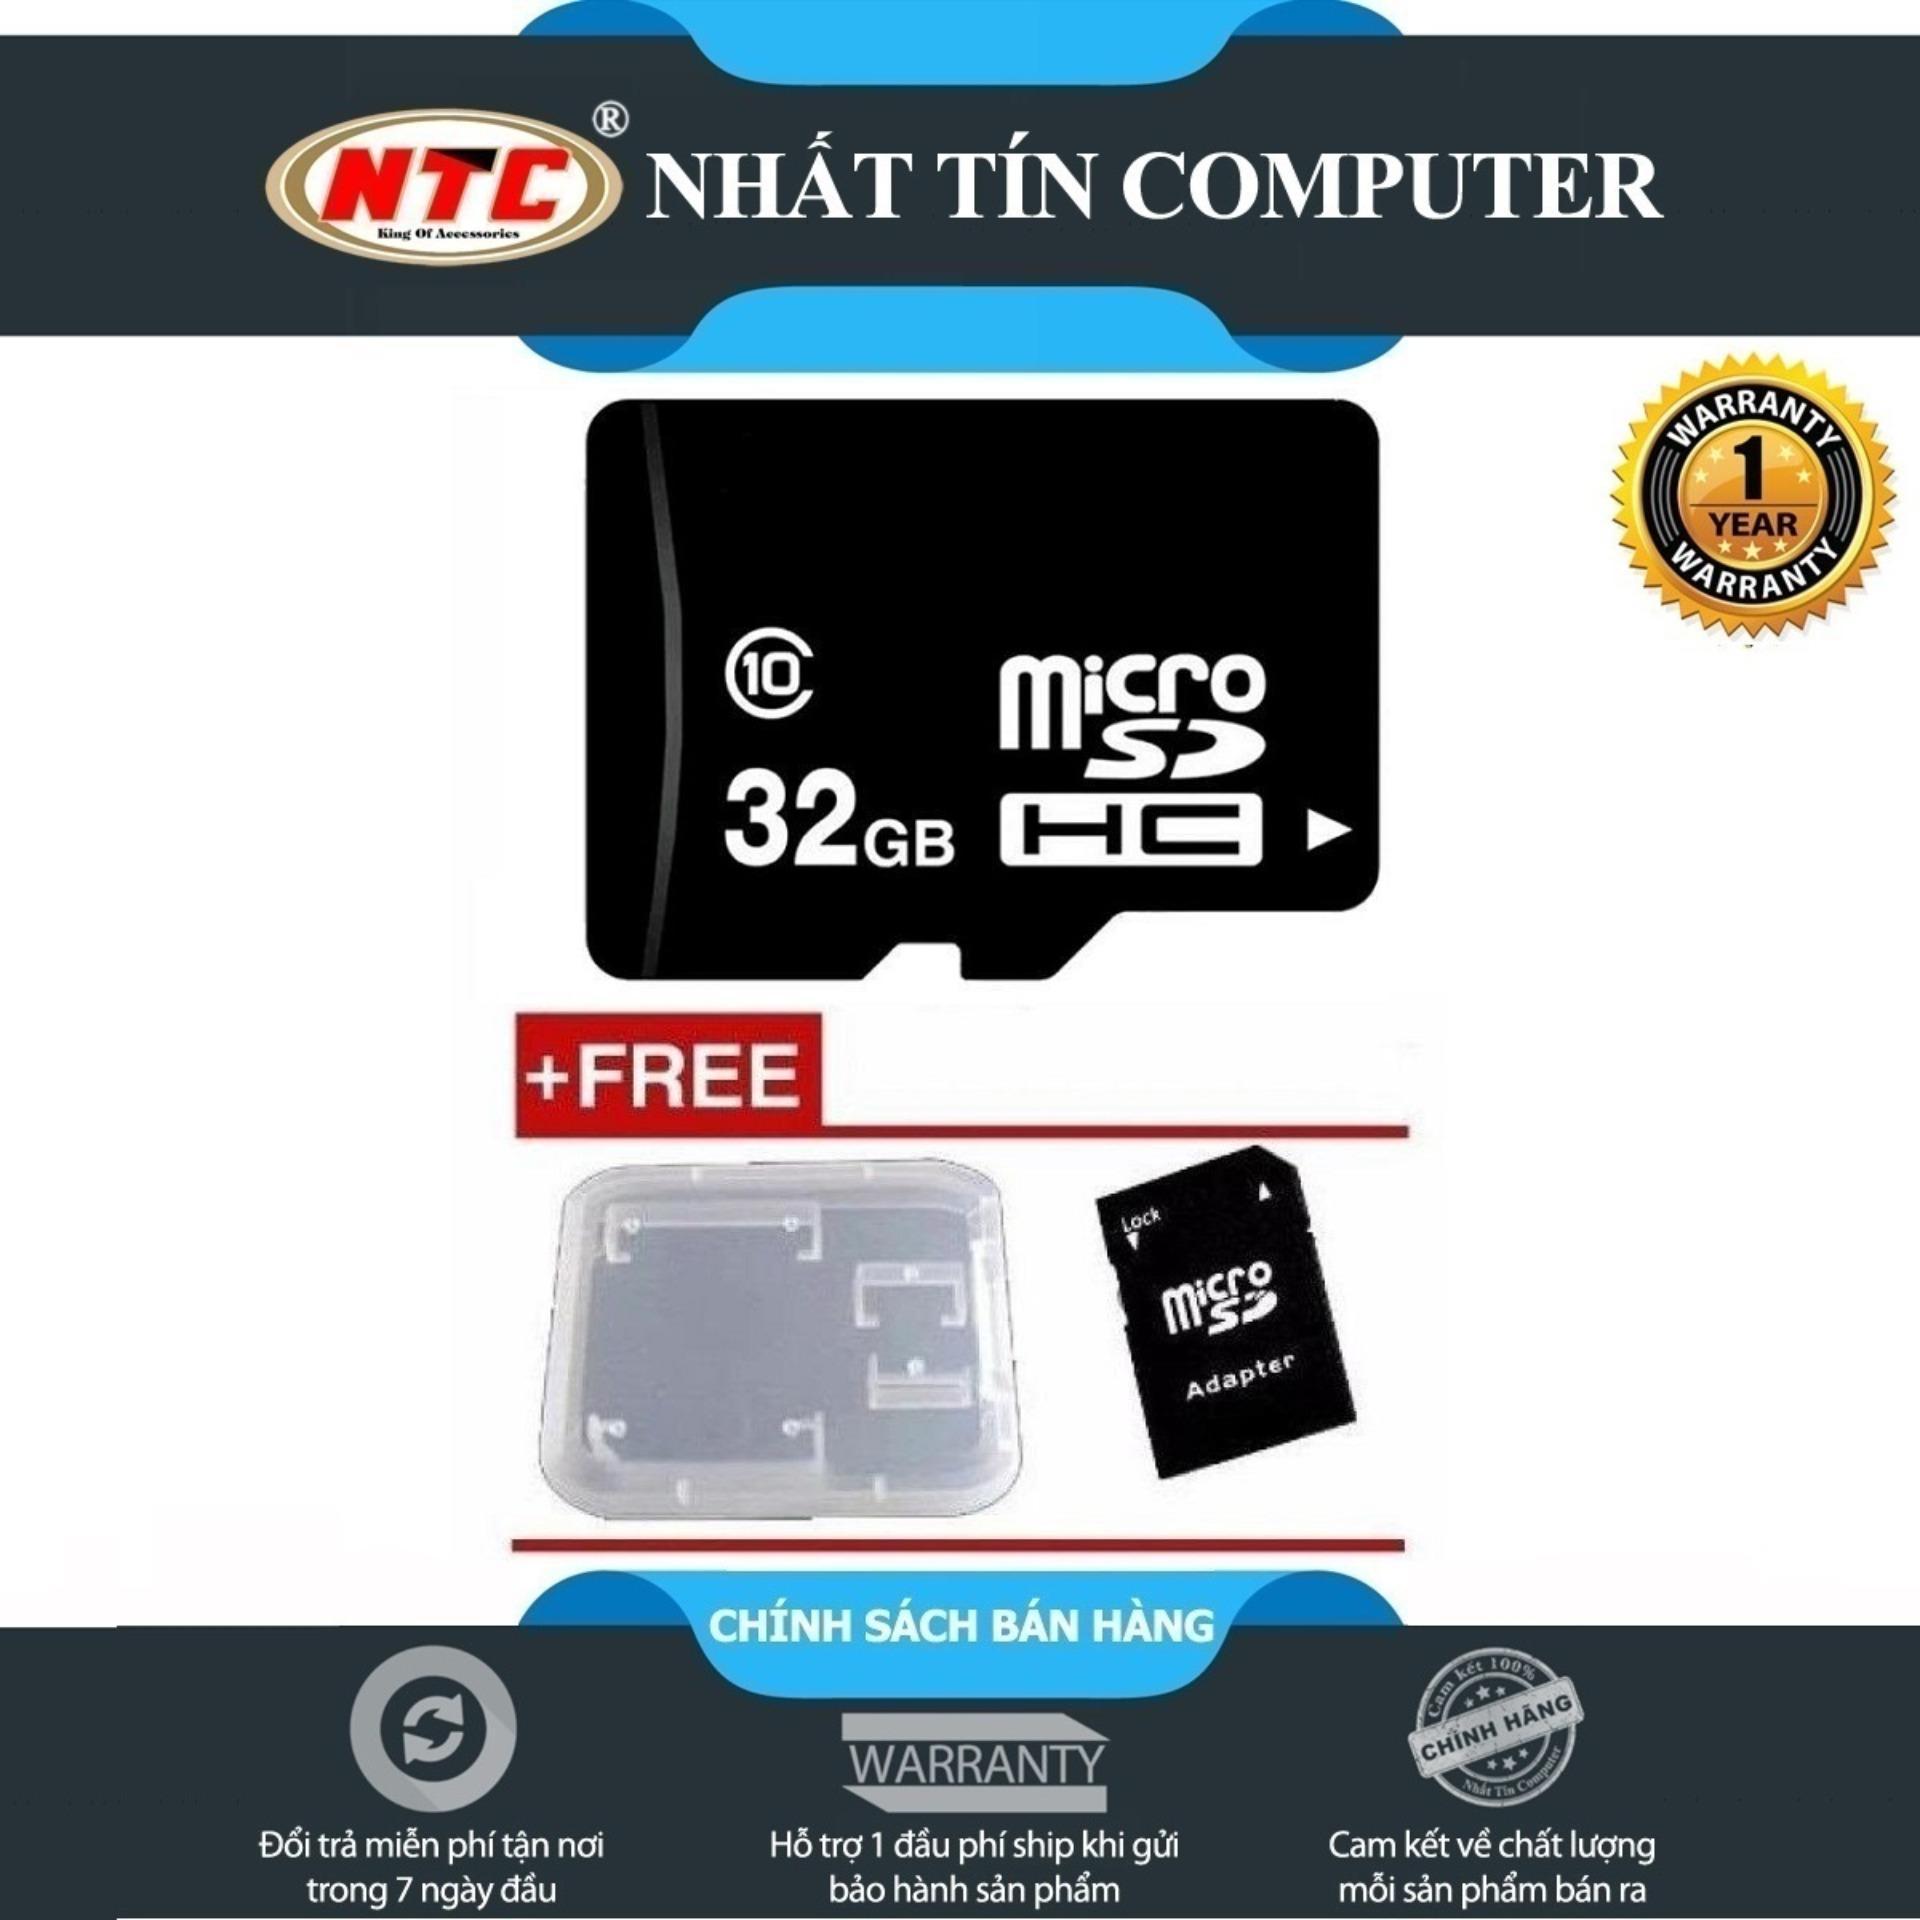 [HCM]Thẻ nhớ MicroSDHC NTComputer 32GB Class 10 (Đen) + Tặng adapter và hộp thẻ - Nhất Tín Computer